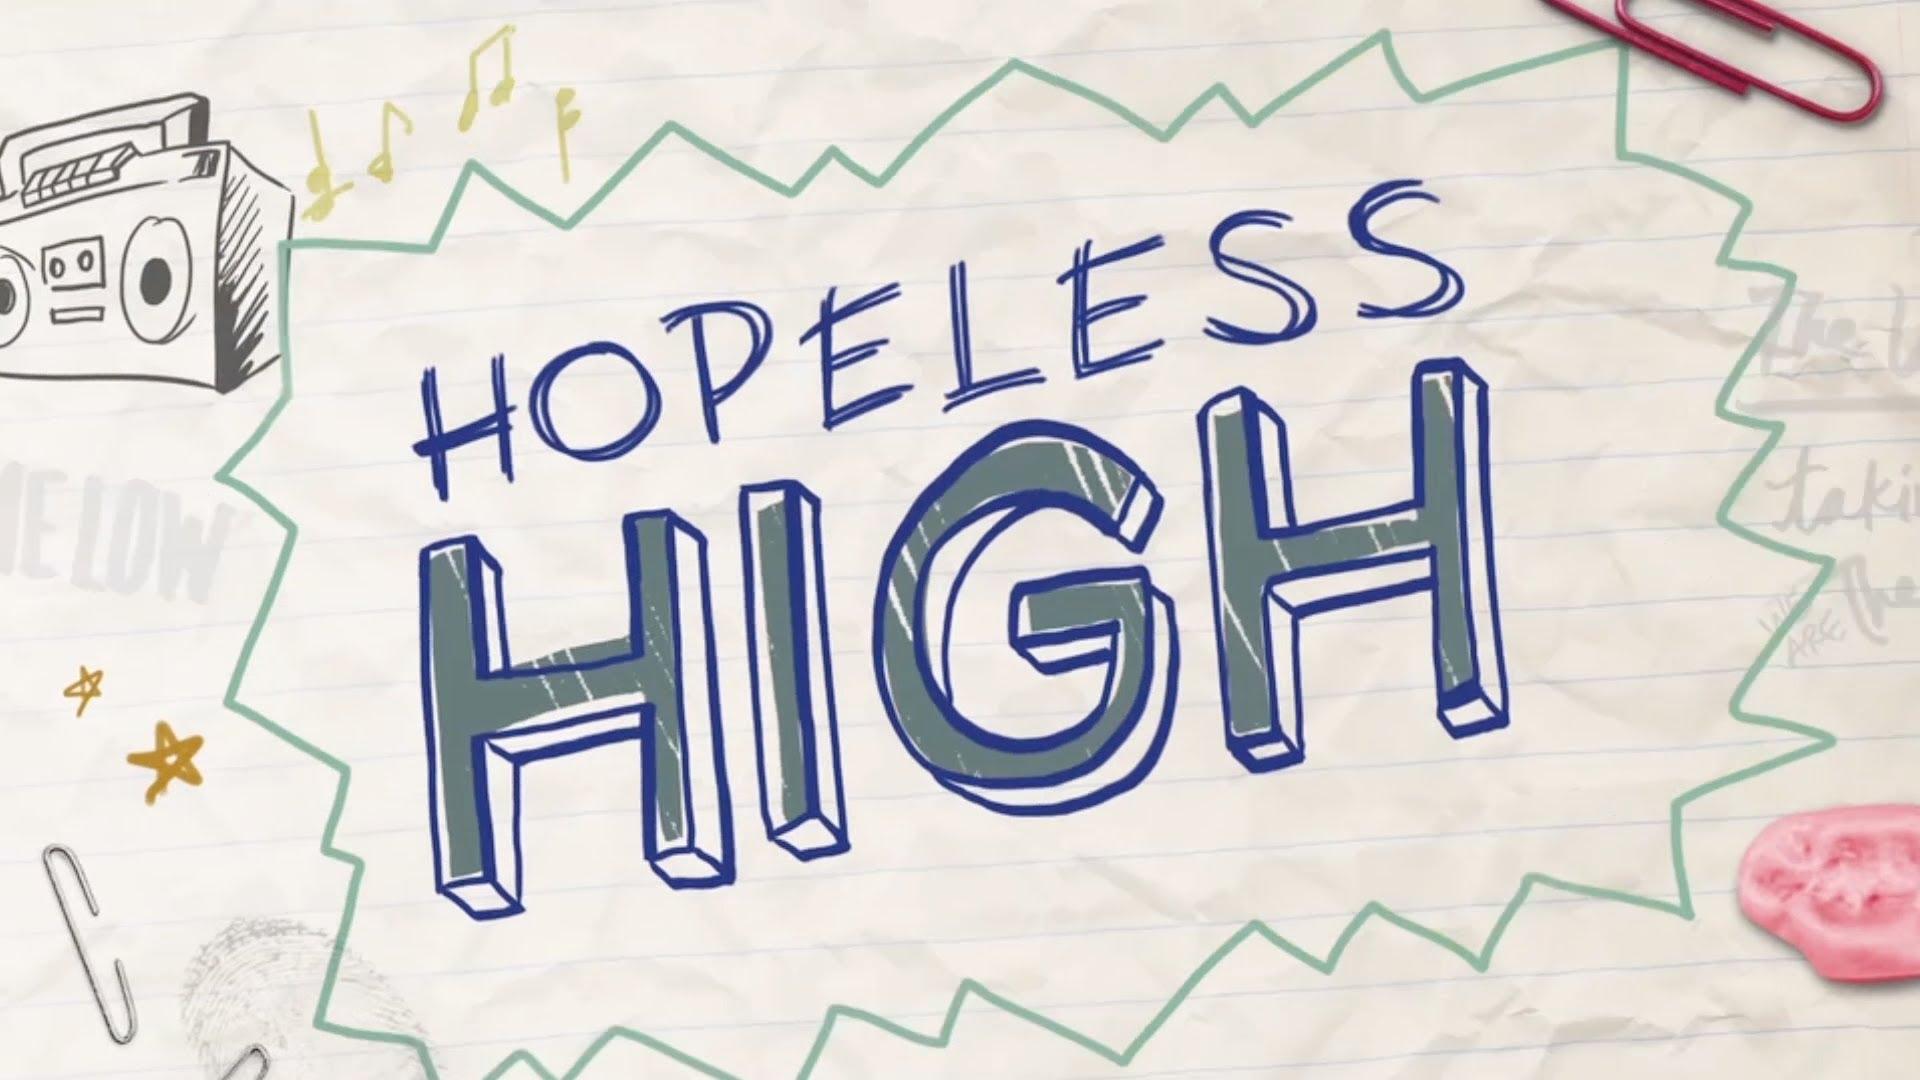 Hopeless High - Episode 2 Bullies